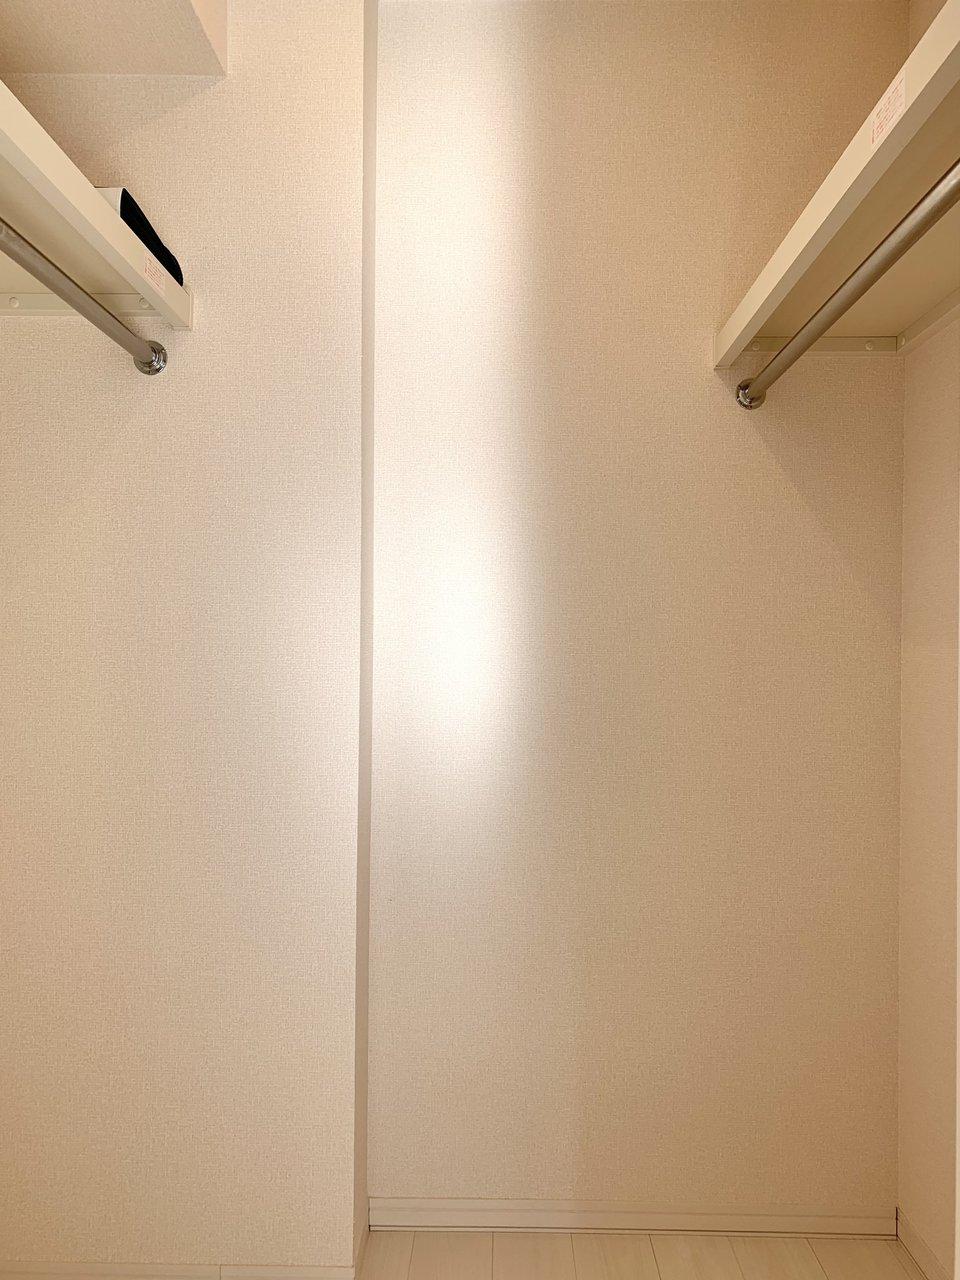 一人暮らしのお部屋ではなかなか見ないほどの、広々としたウォークインクローゼットがあります。できるだけ中に荷物を入れて、余計なものはリビングに出さないようにして、スッキリ暮らせそうです。